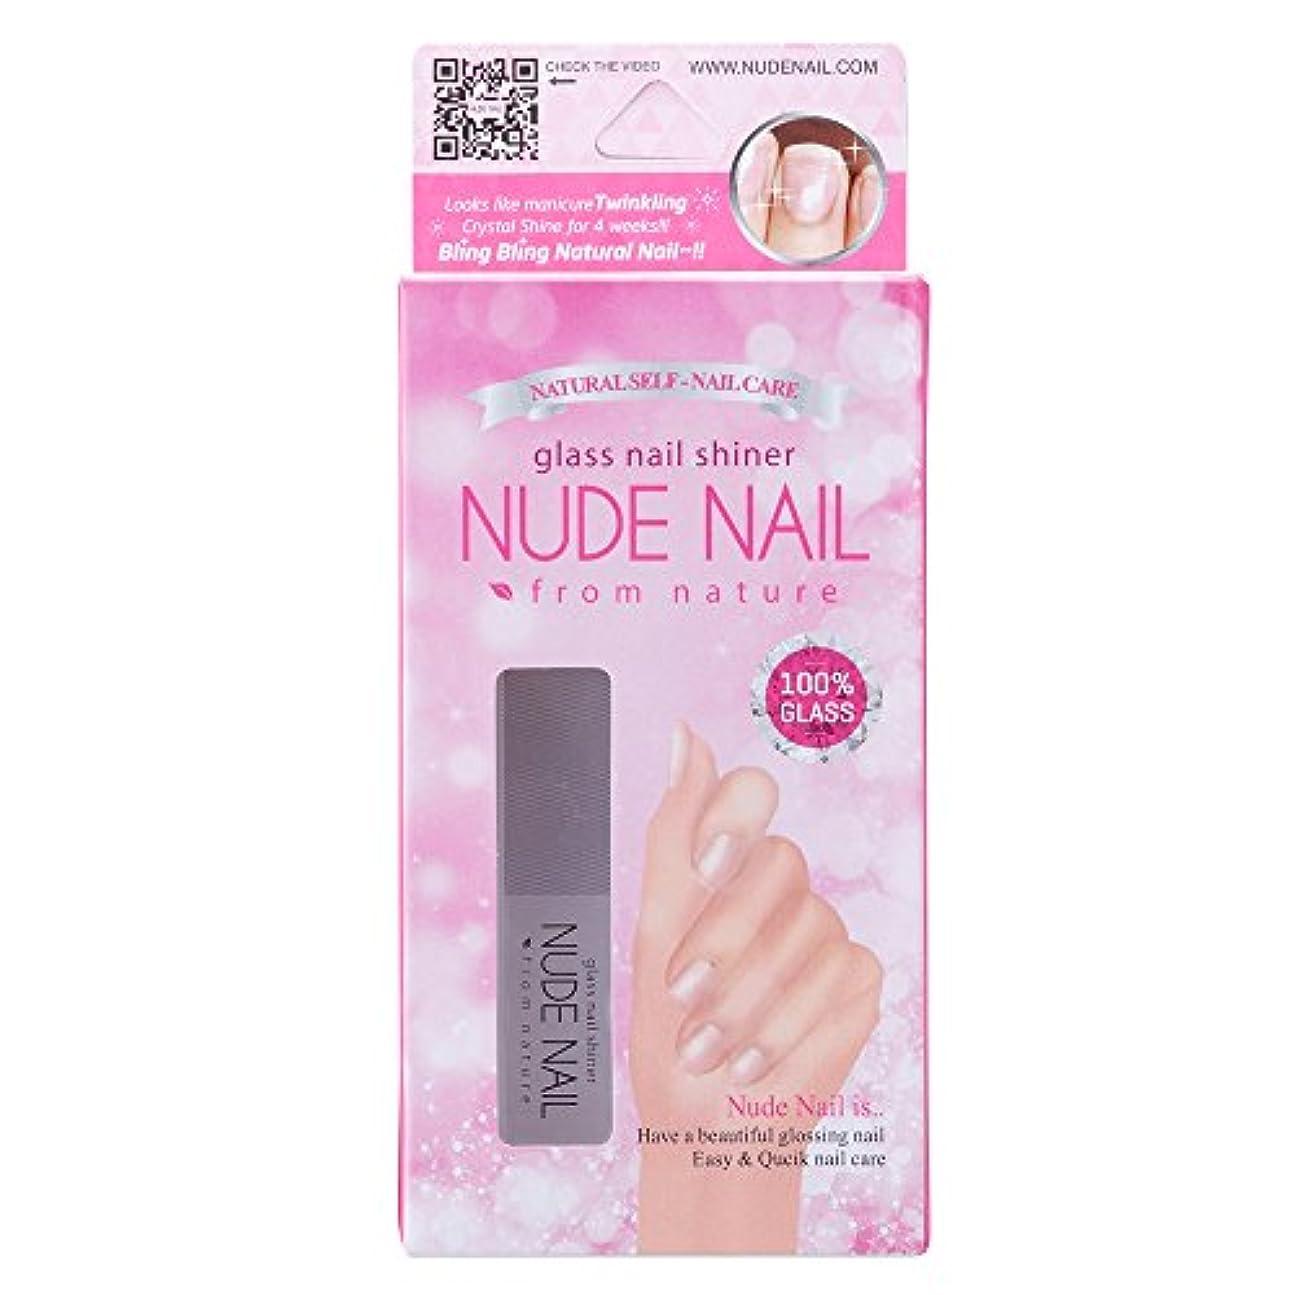 遠足買収インフラヌードネイル グラス ネイル シャイナー ガラス製爪ヤスリ NUDE NAIL glass nail shiner